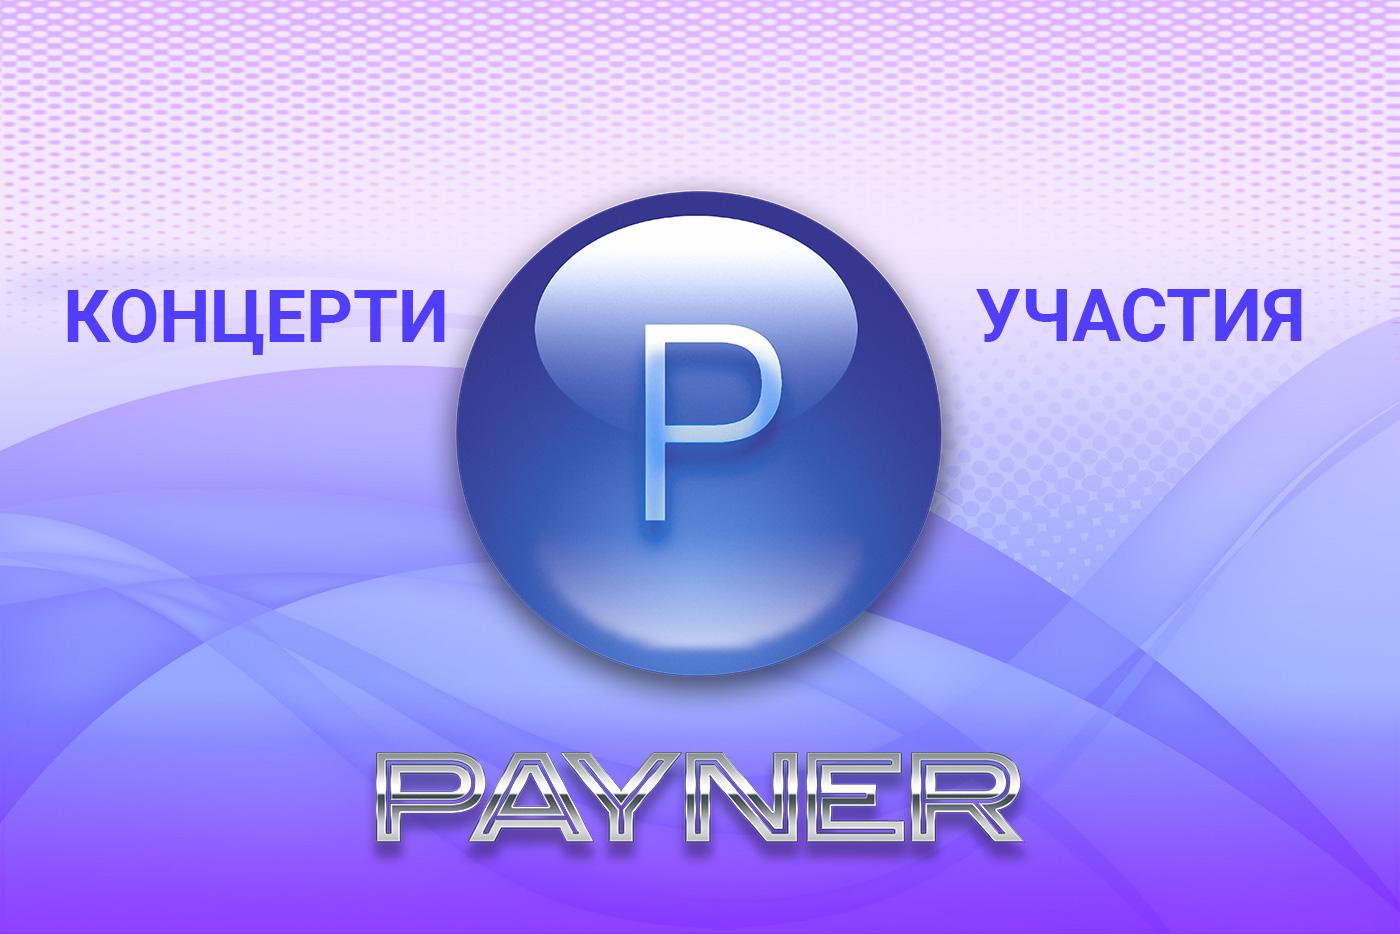 """Участия на звездите на """"Пайнер"""" на 14.11.2018"""